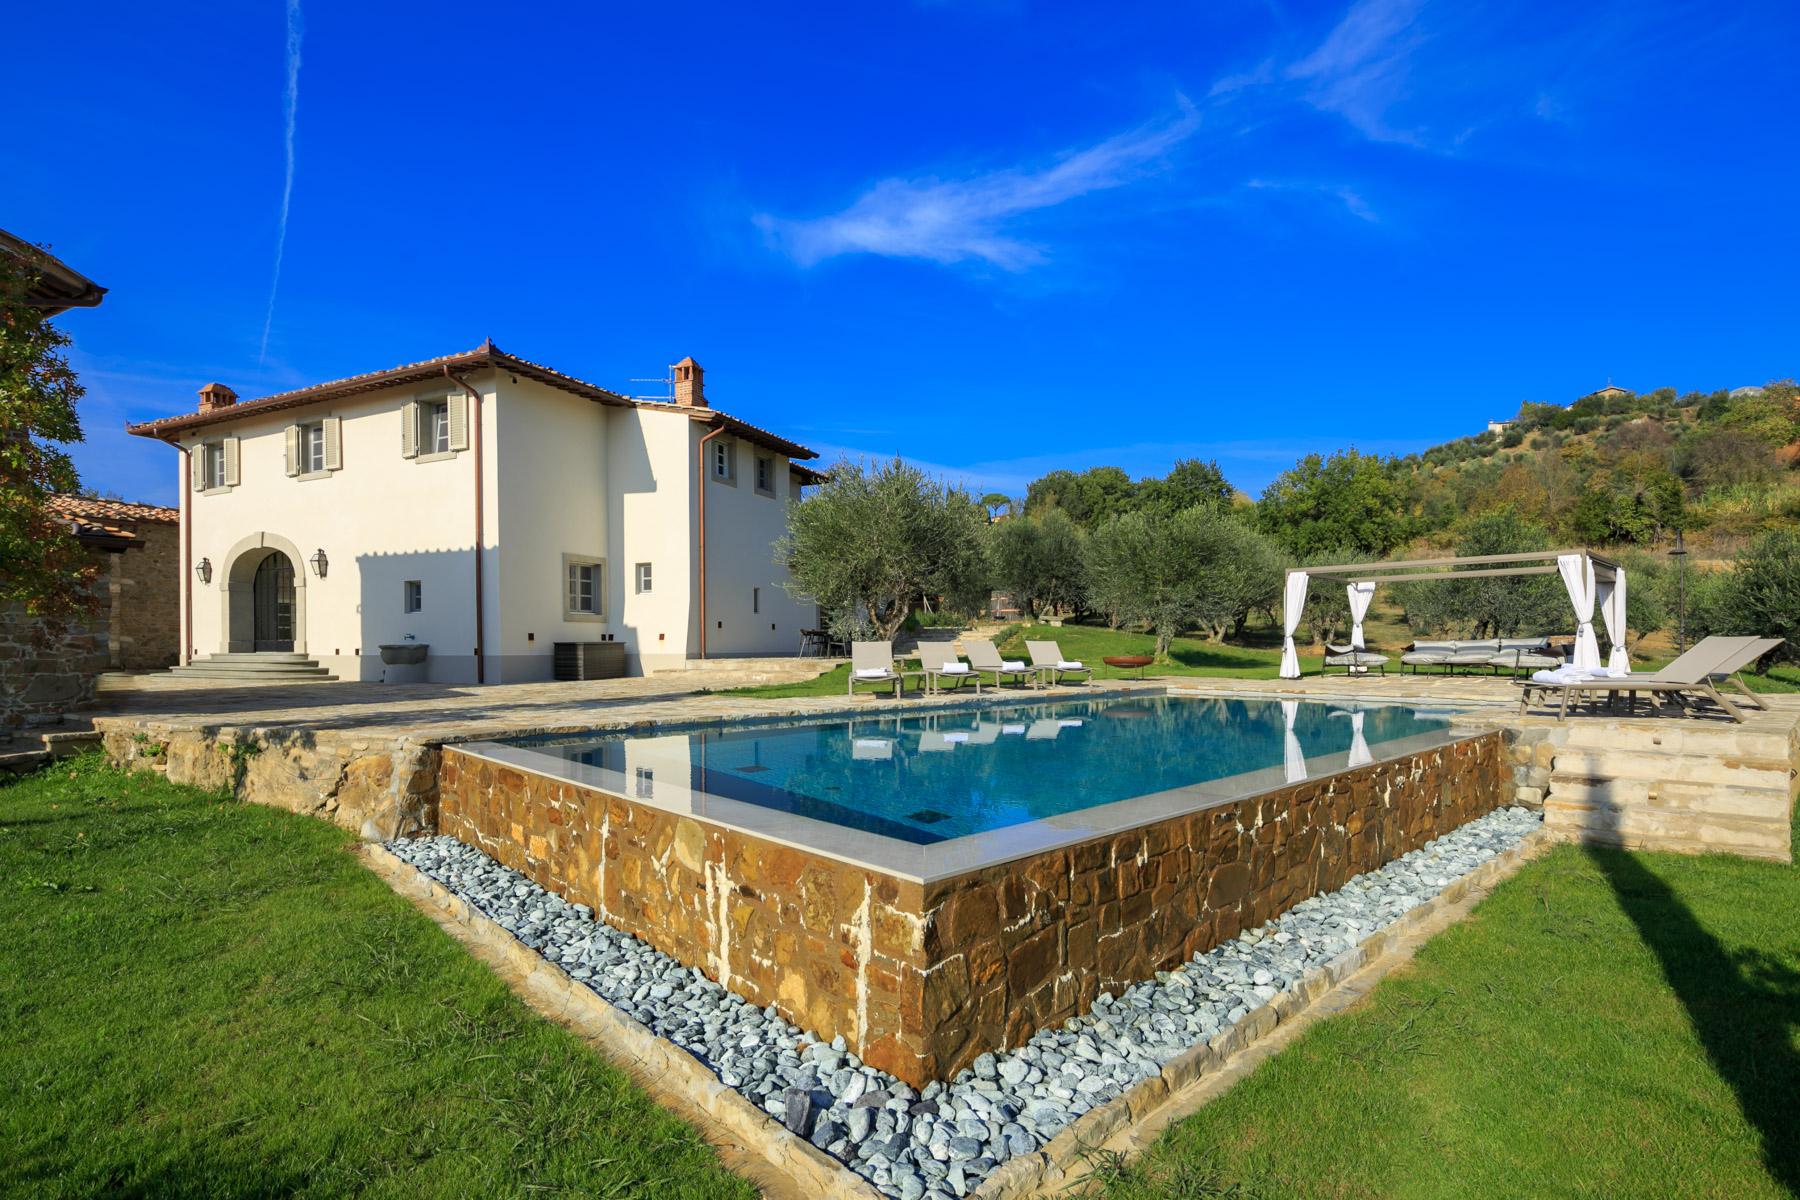 Villa in Vendita a Firenze: 5 locali, 700 mq - Foto 7